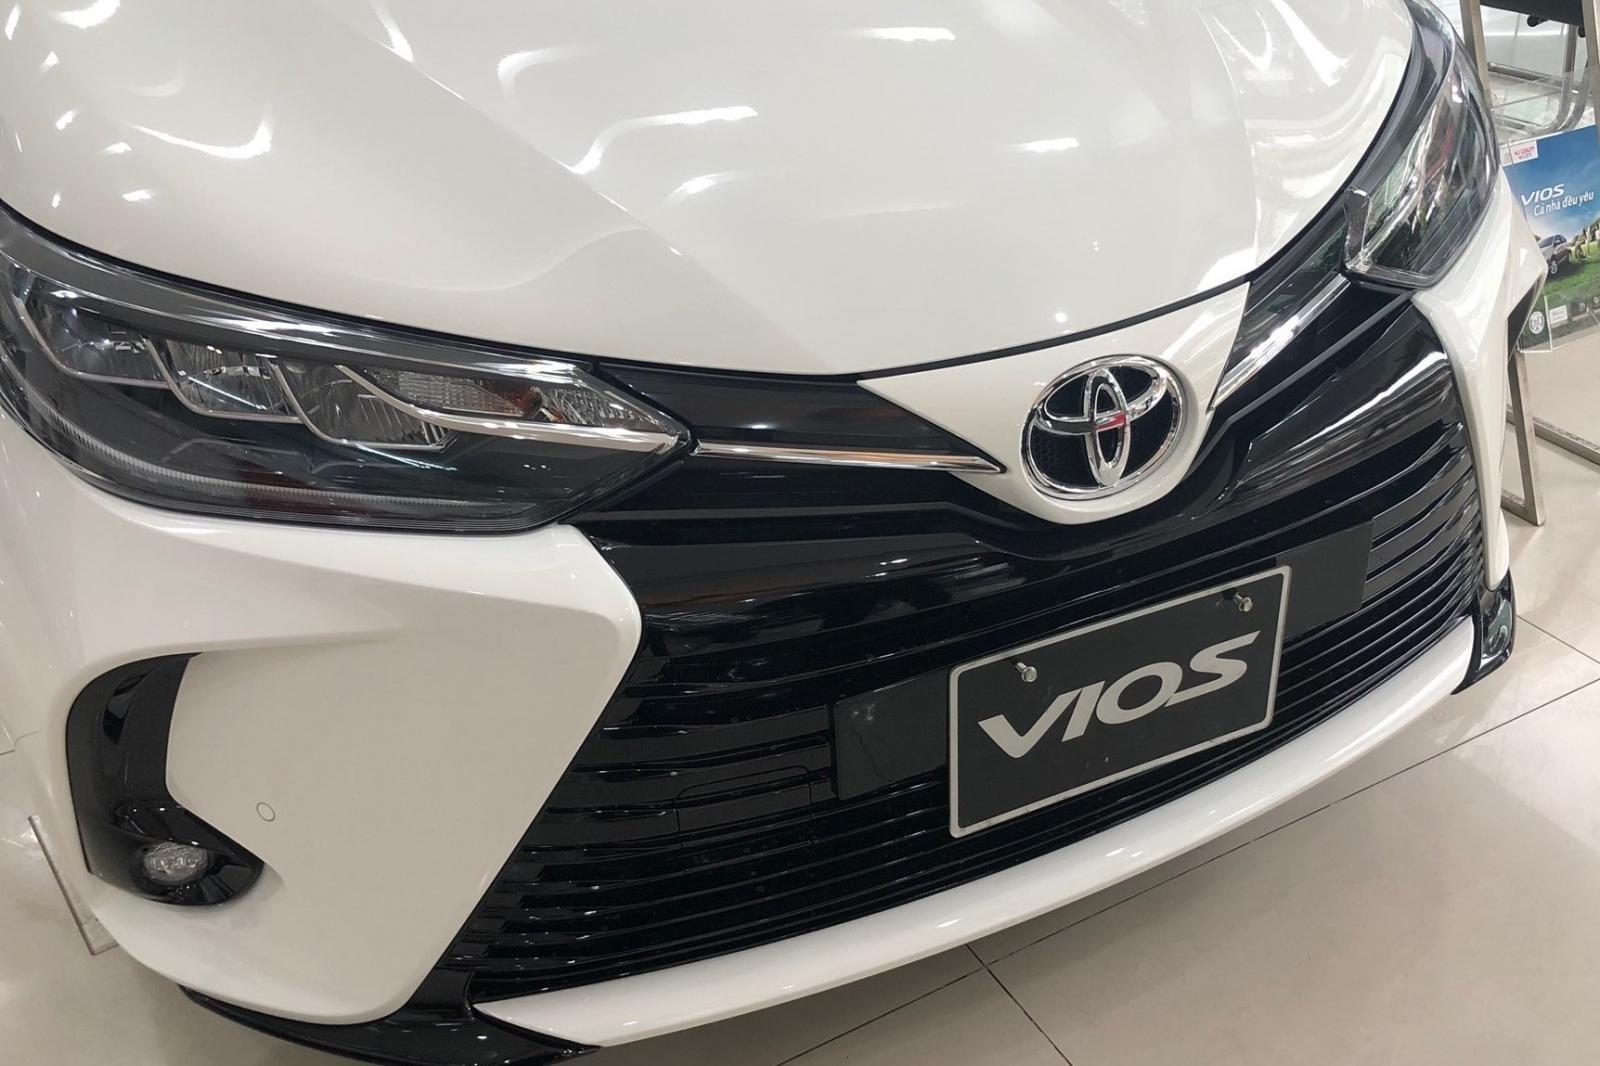 Thiết kế đầu xe Toyota Vios 2021 thực sựấn tượng. 1